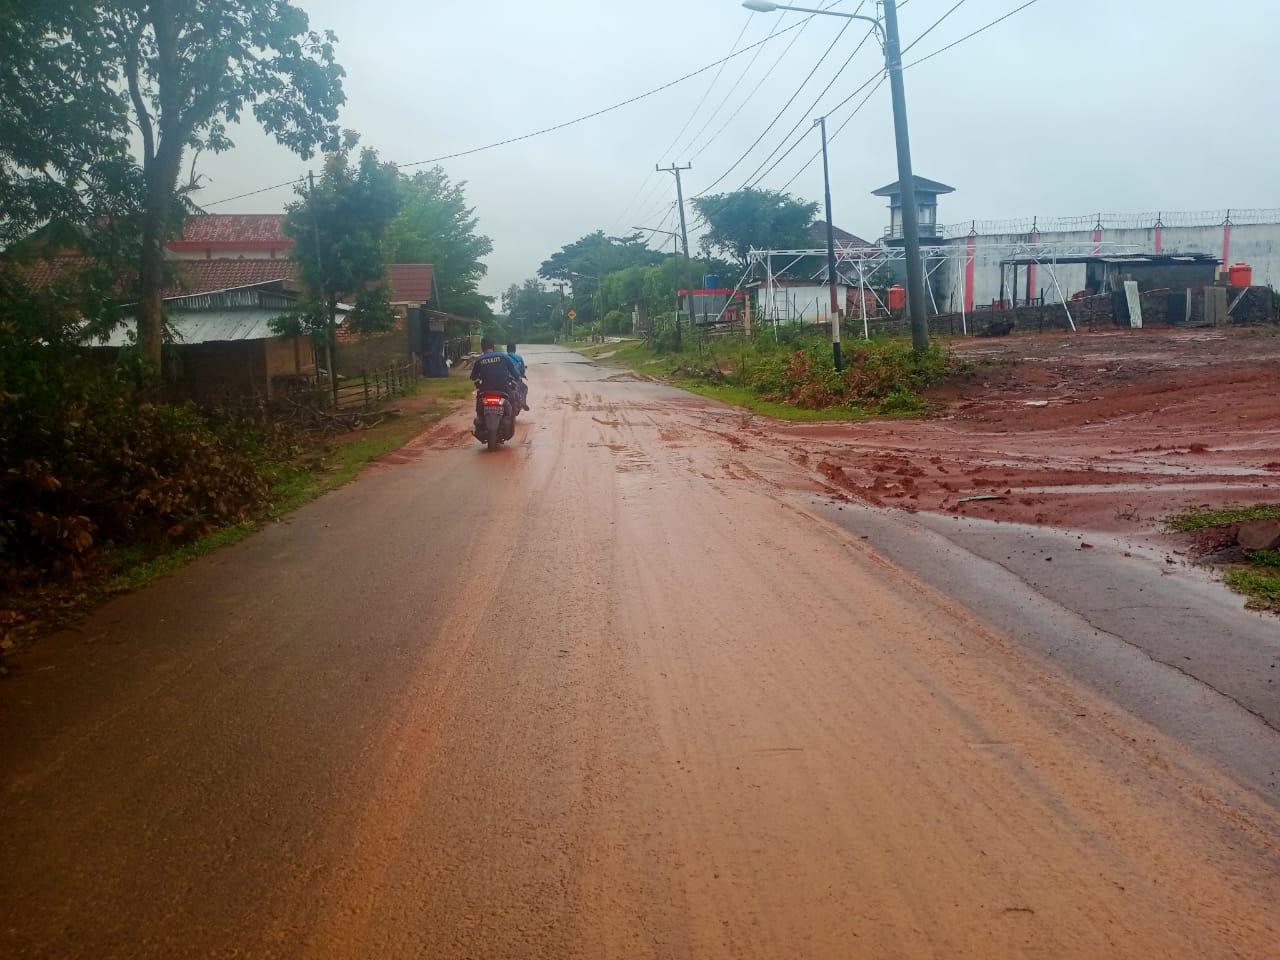 Jalan yang ditutupi tanah merah menutupi sepanjang jalan di beberapa kawasan di Muara Enim Sumsel saat musim penghujan (Arie / Mattanews.co)